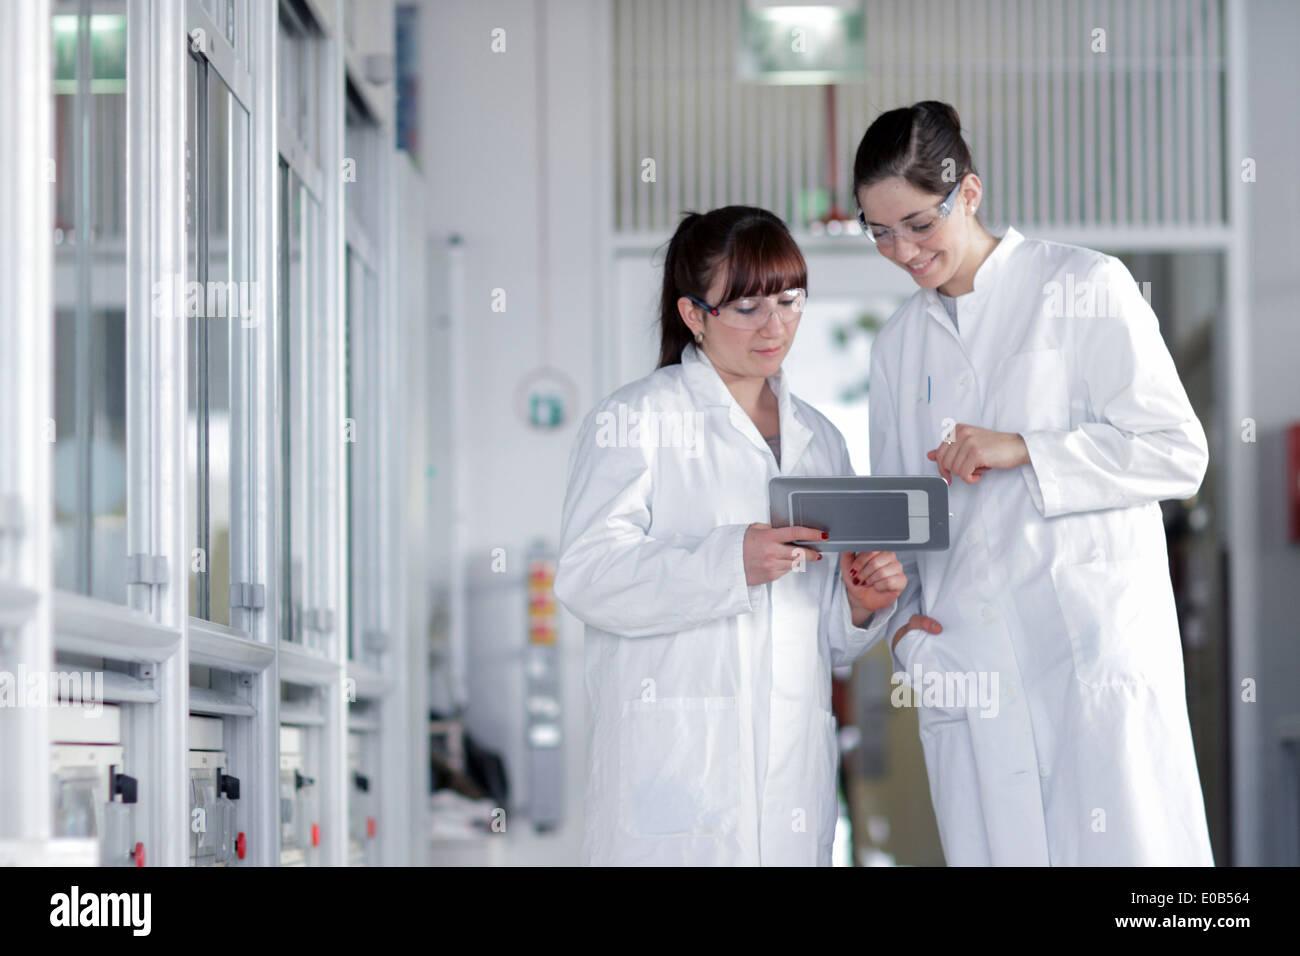 Zwei junge weibliche Chemiestudenten im Labor Stockbild